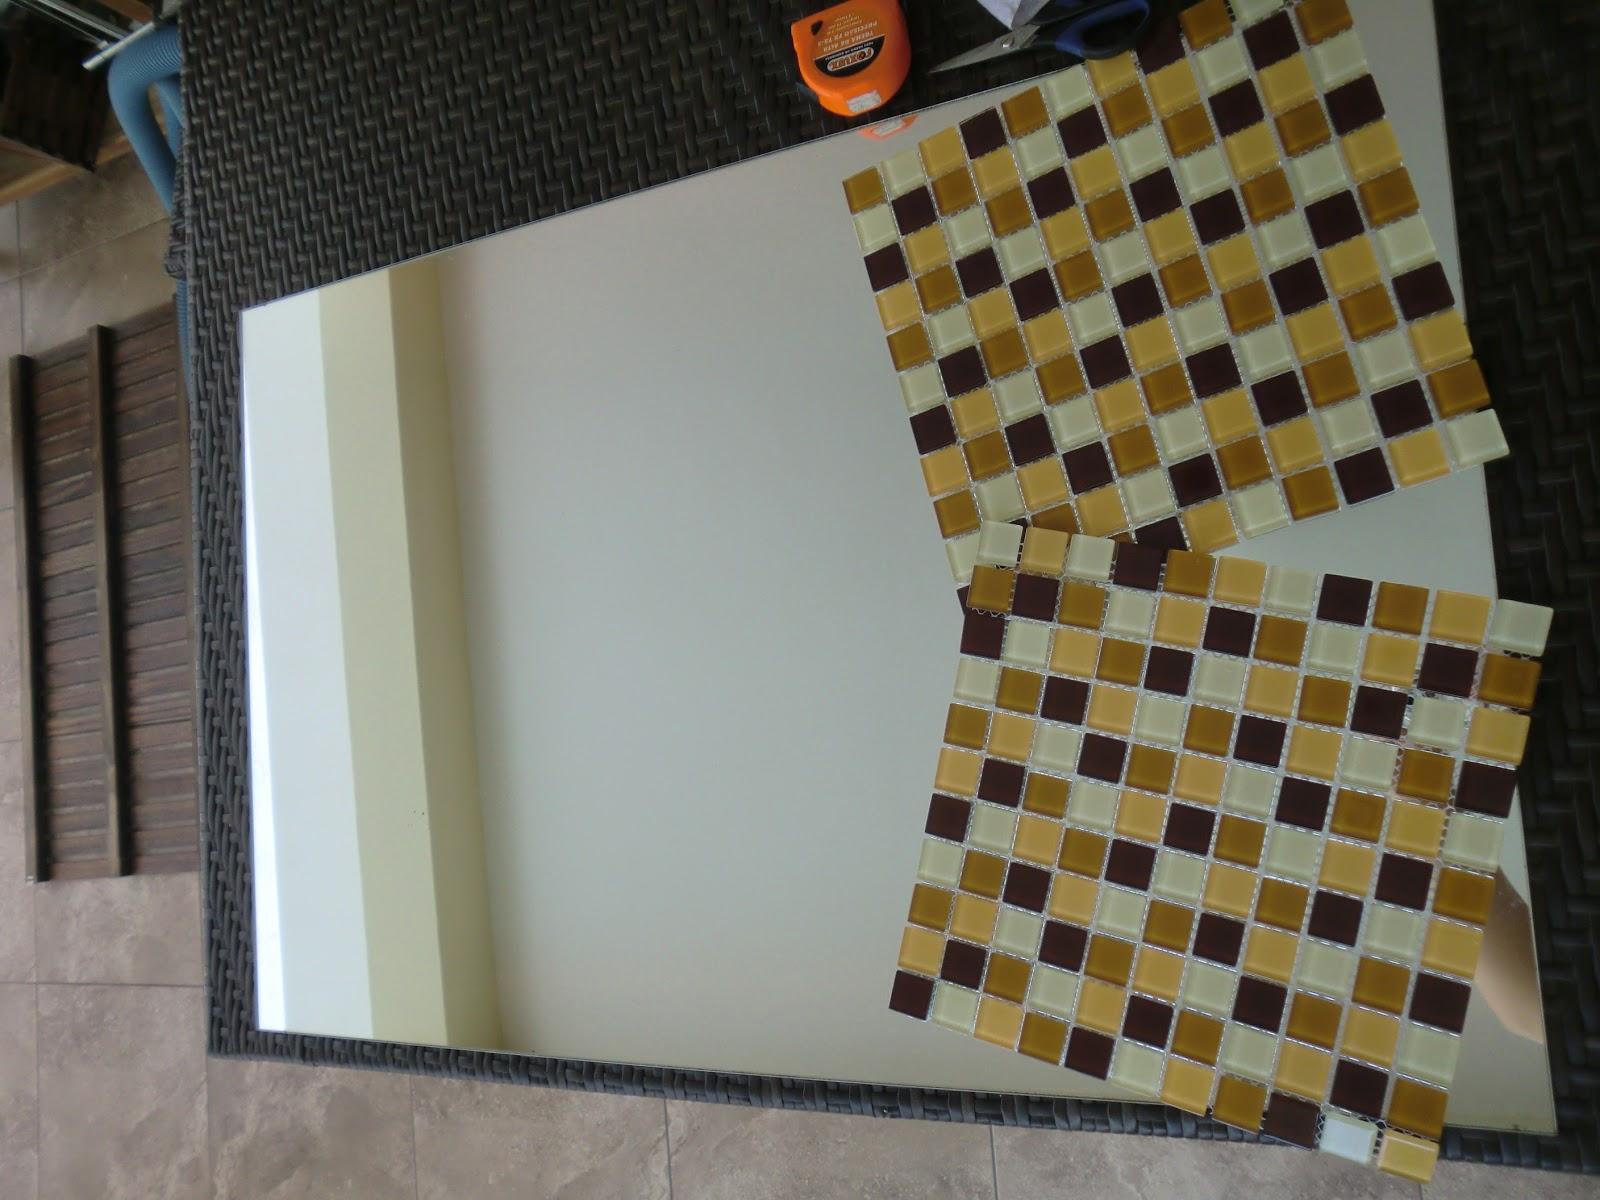 passo do Espelho Decorado com Pastilha de Vidro Casa e Reforma #66491D 1600x1200 Banheiro Com Pastilha Espelhada